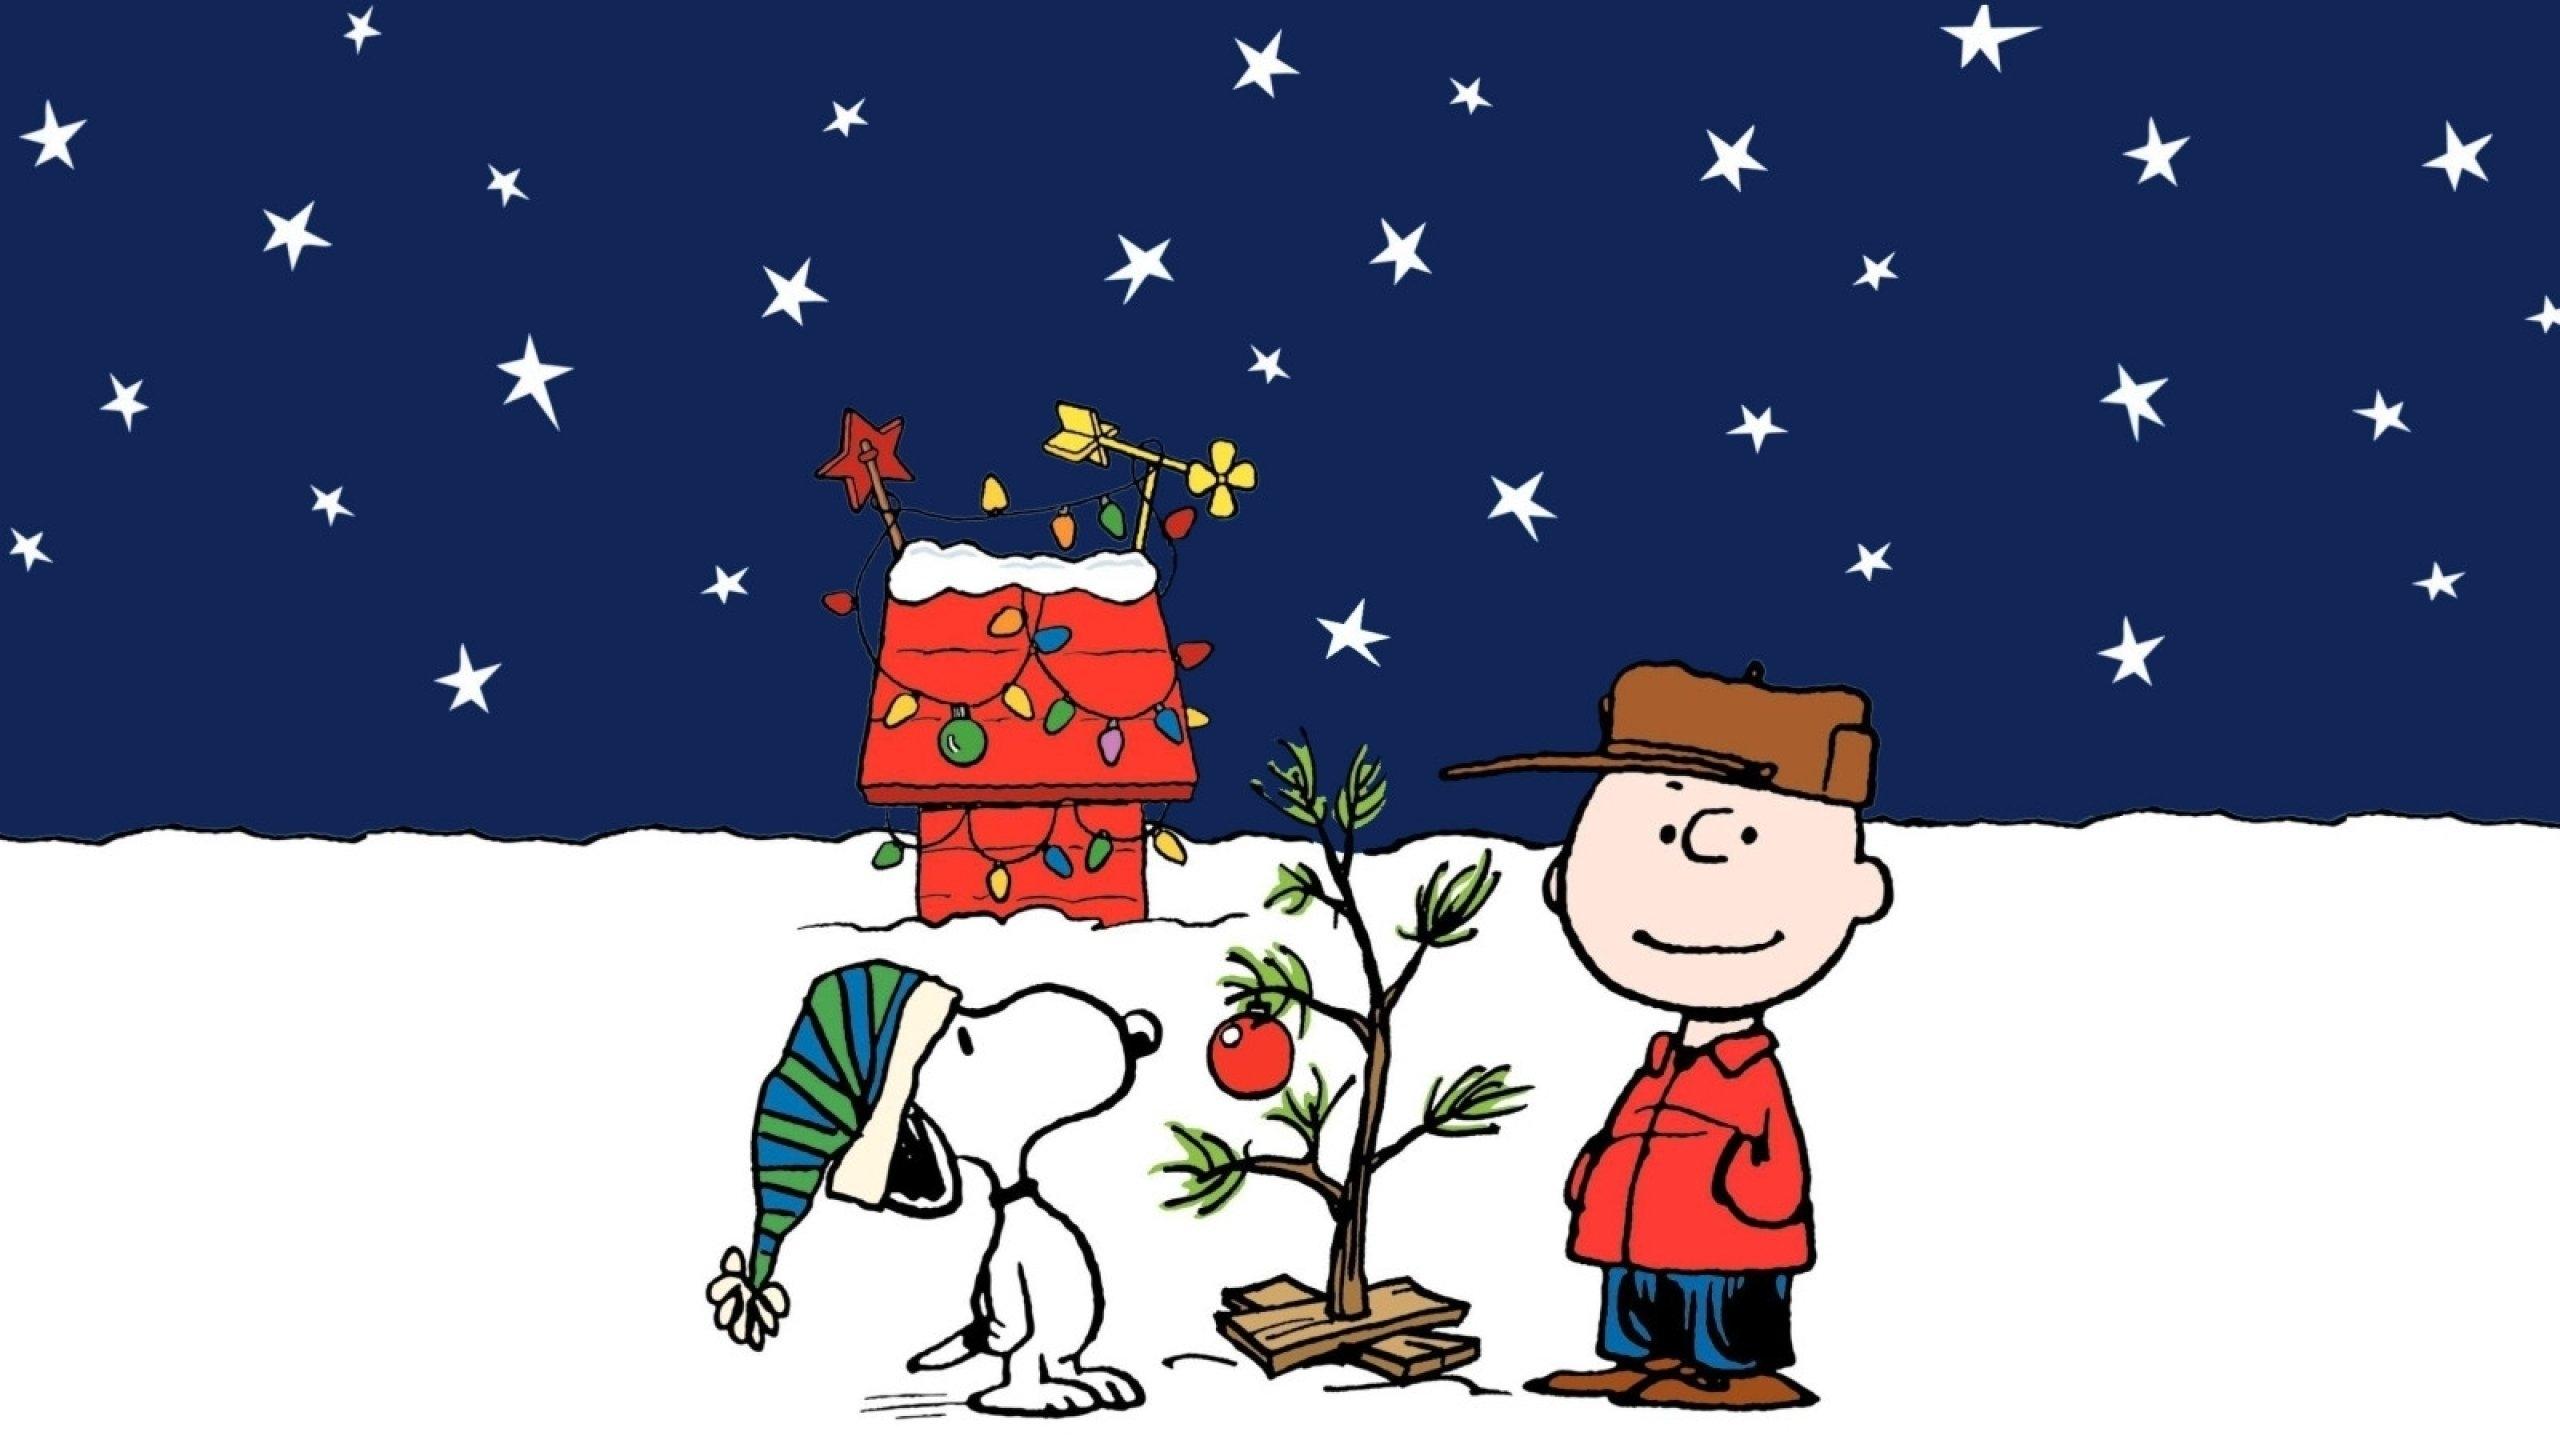 charlie brown christmas tree 761236 - walldevil